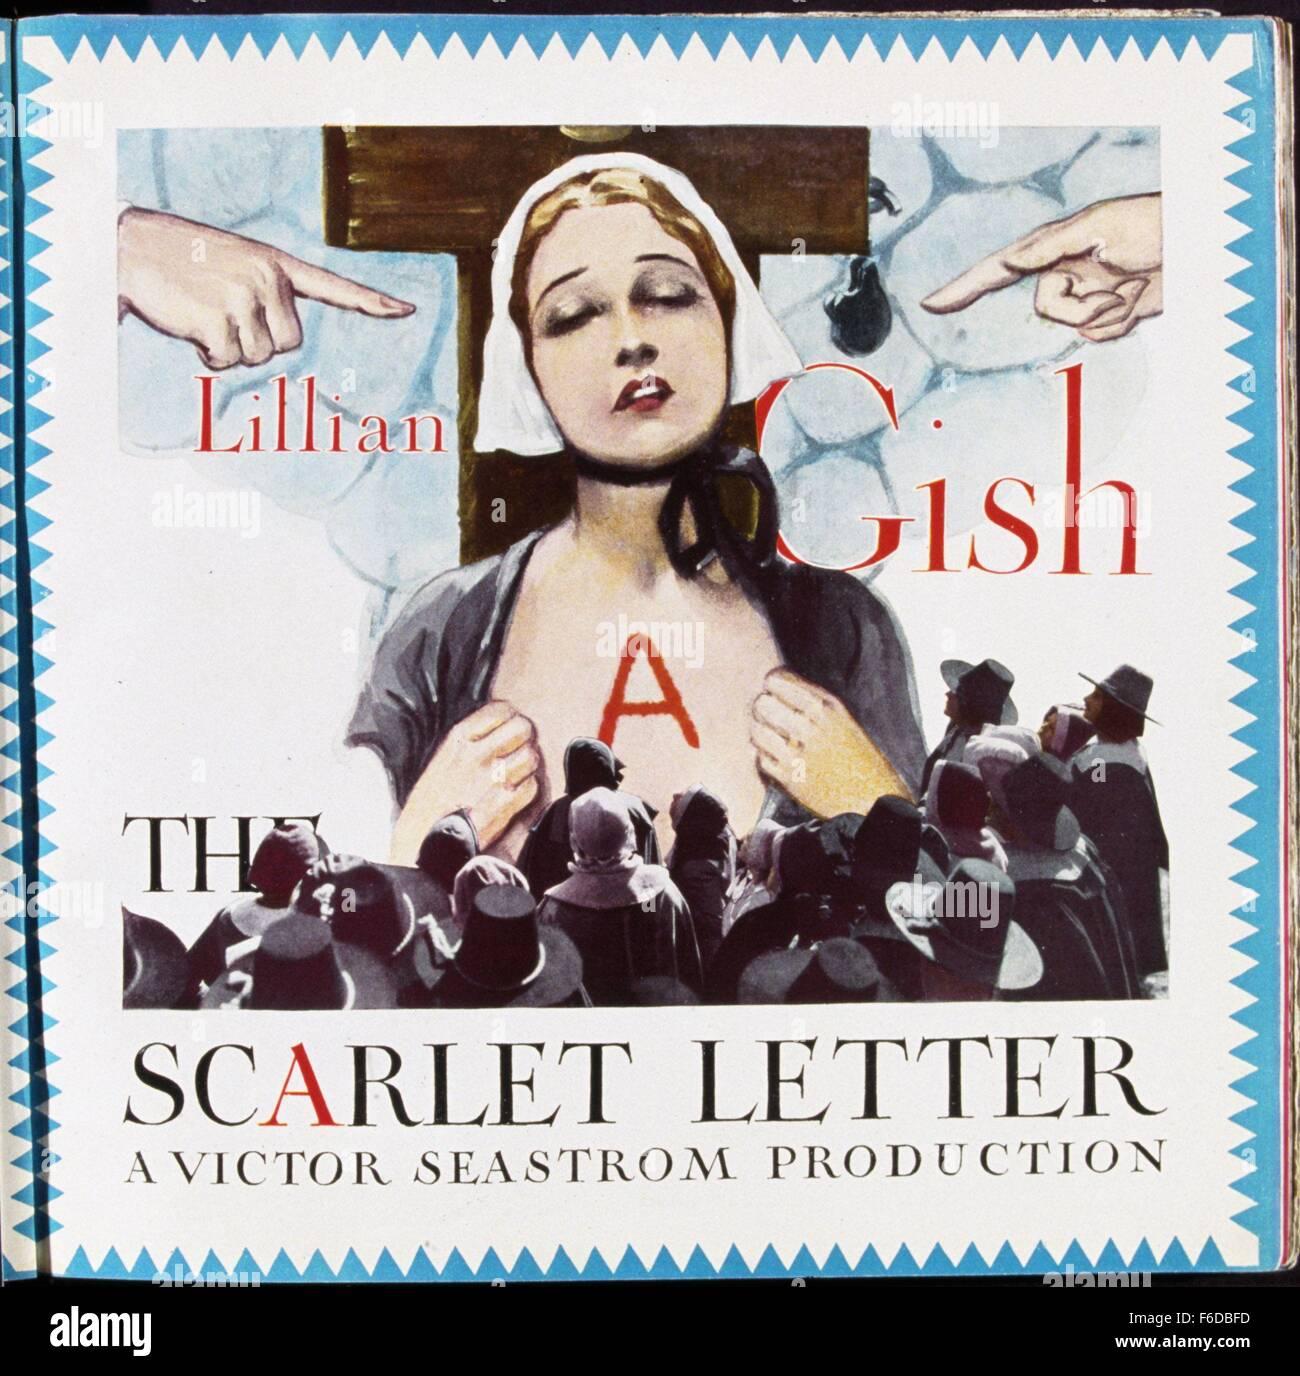 FILMTITEL Scarlet Letter STUDIO MGM PLOT In Puritanischen Boston Naherin Hester Prynne Wird Bestraft Fur Das Spielen Am Sabbat Aber Bitte Minister